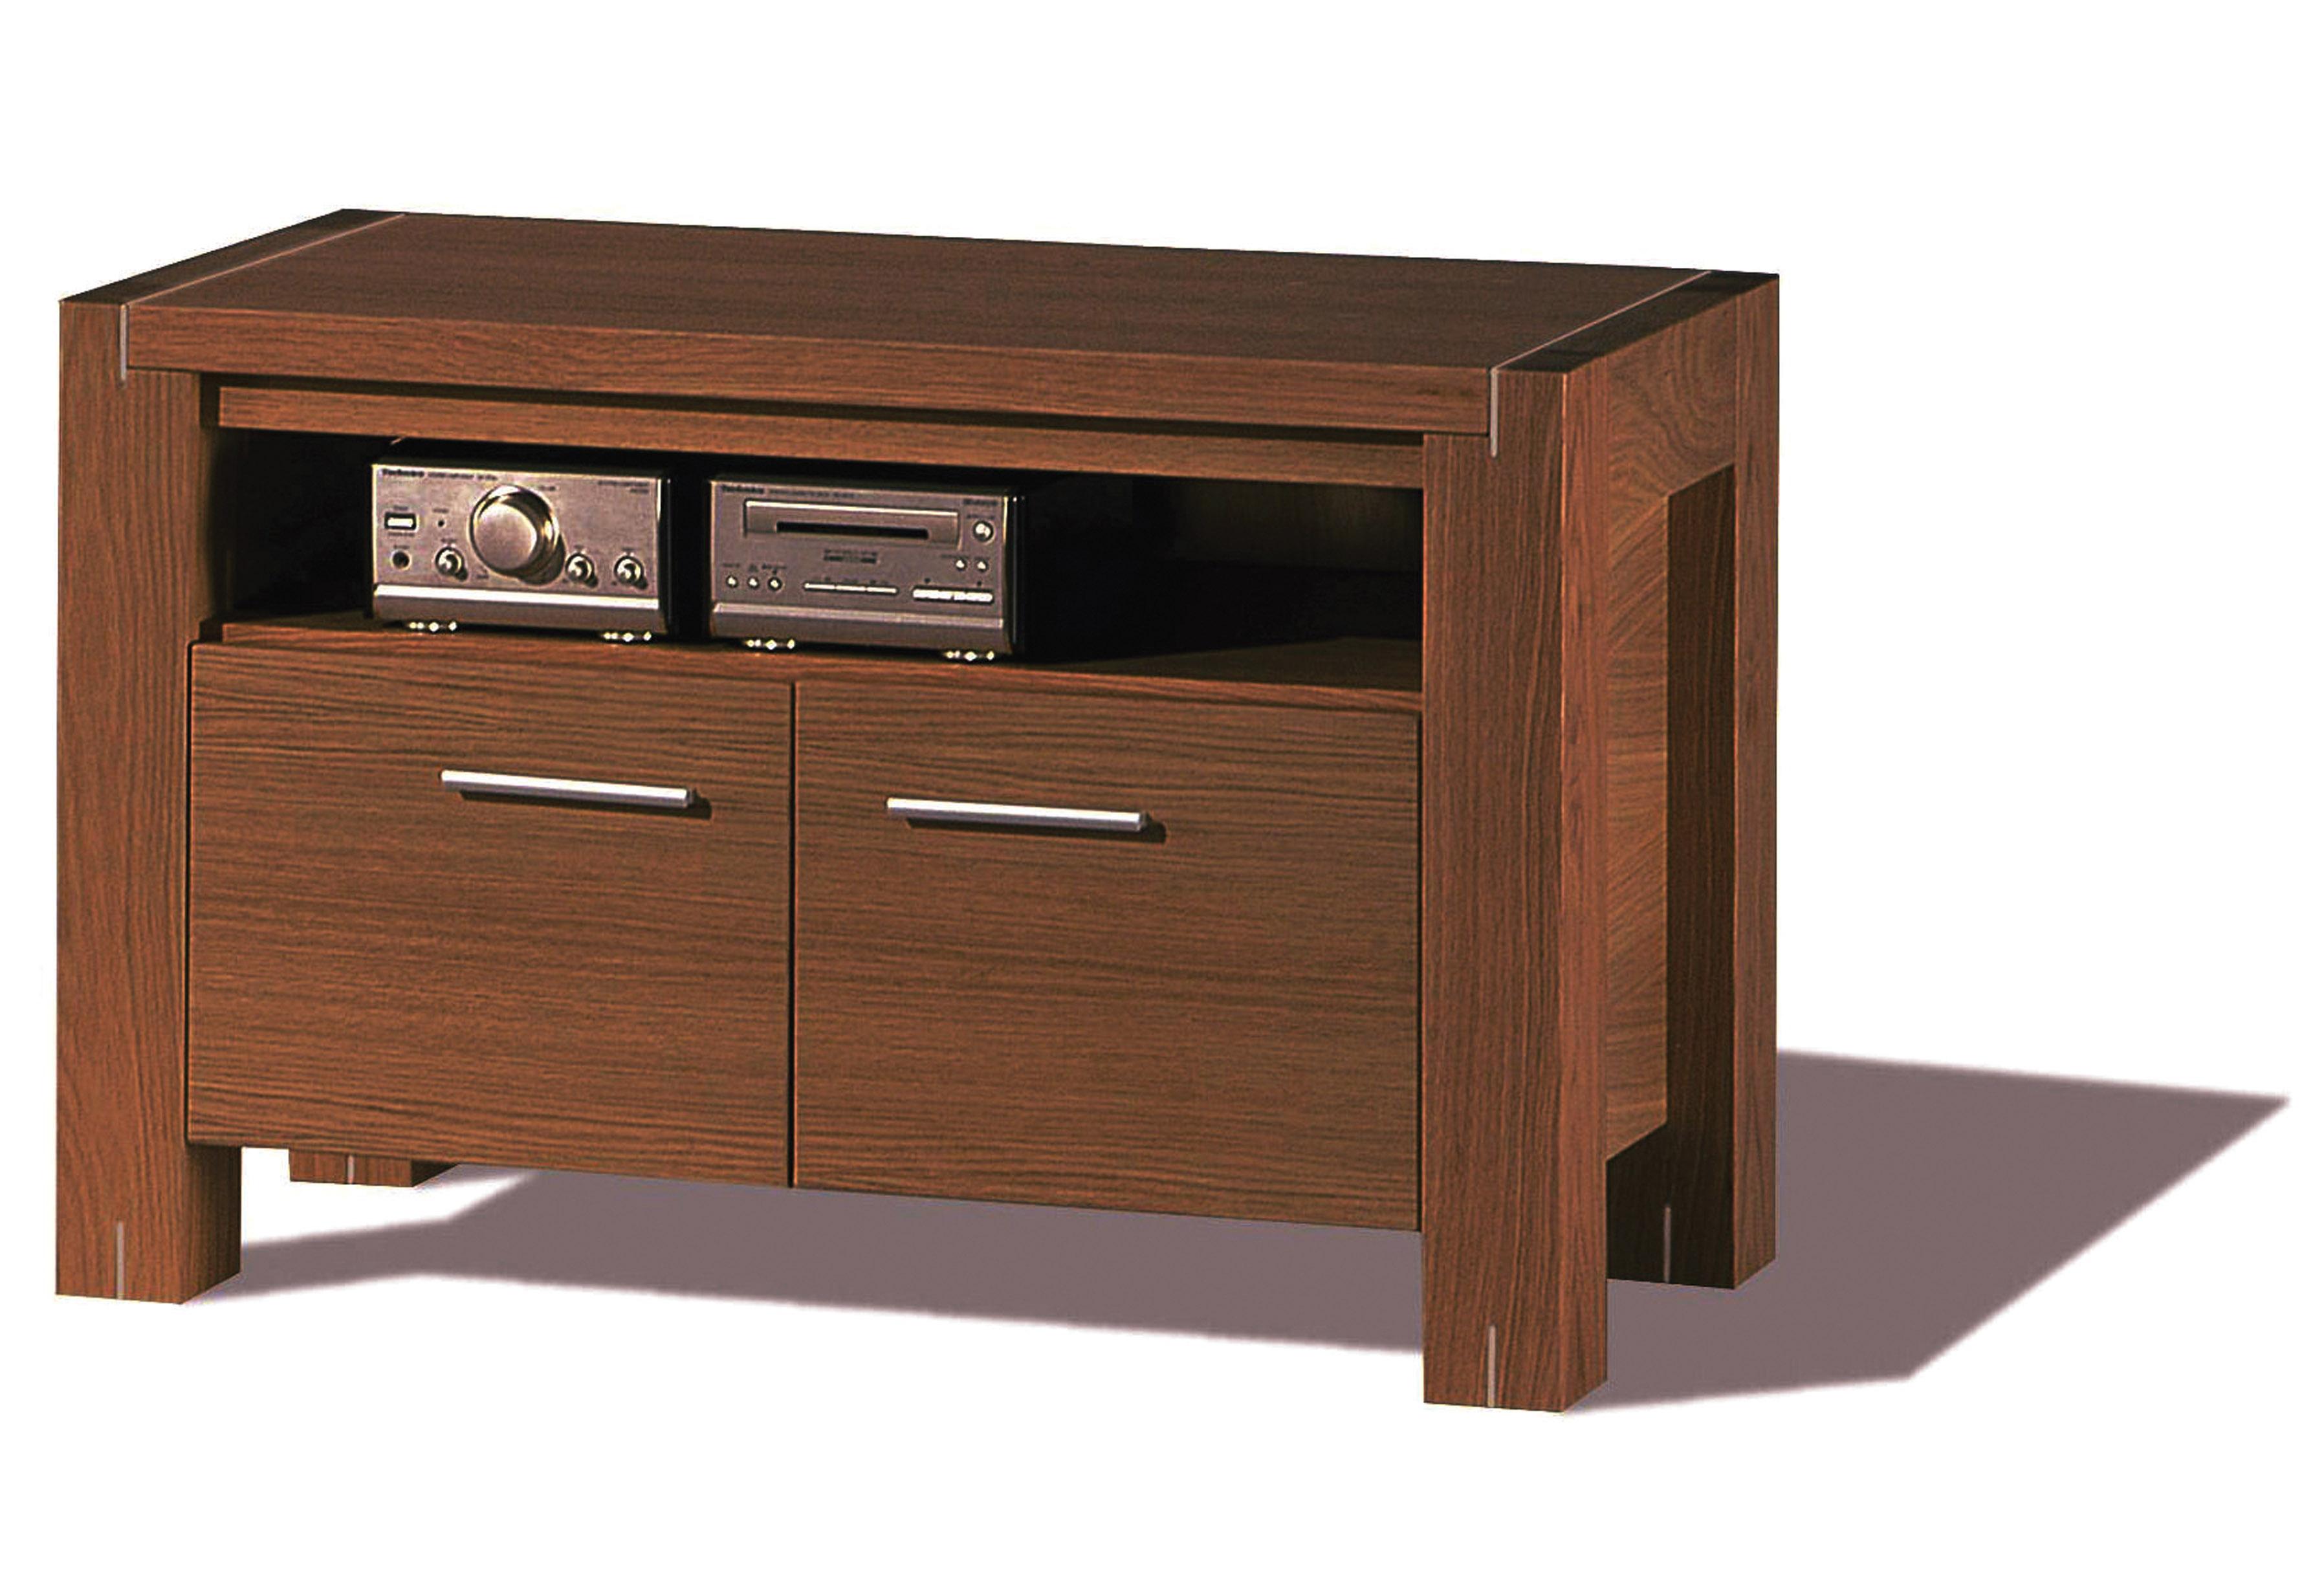 Goretti padua tv meubel collectie kasten tafels bedden